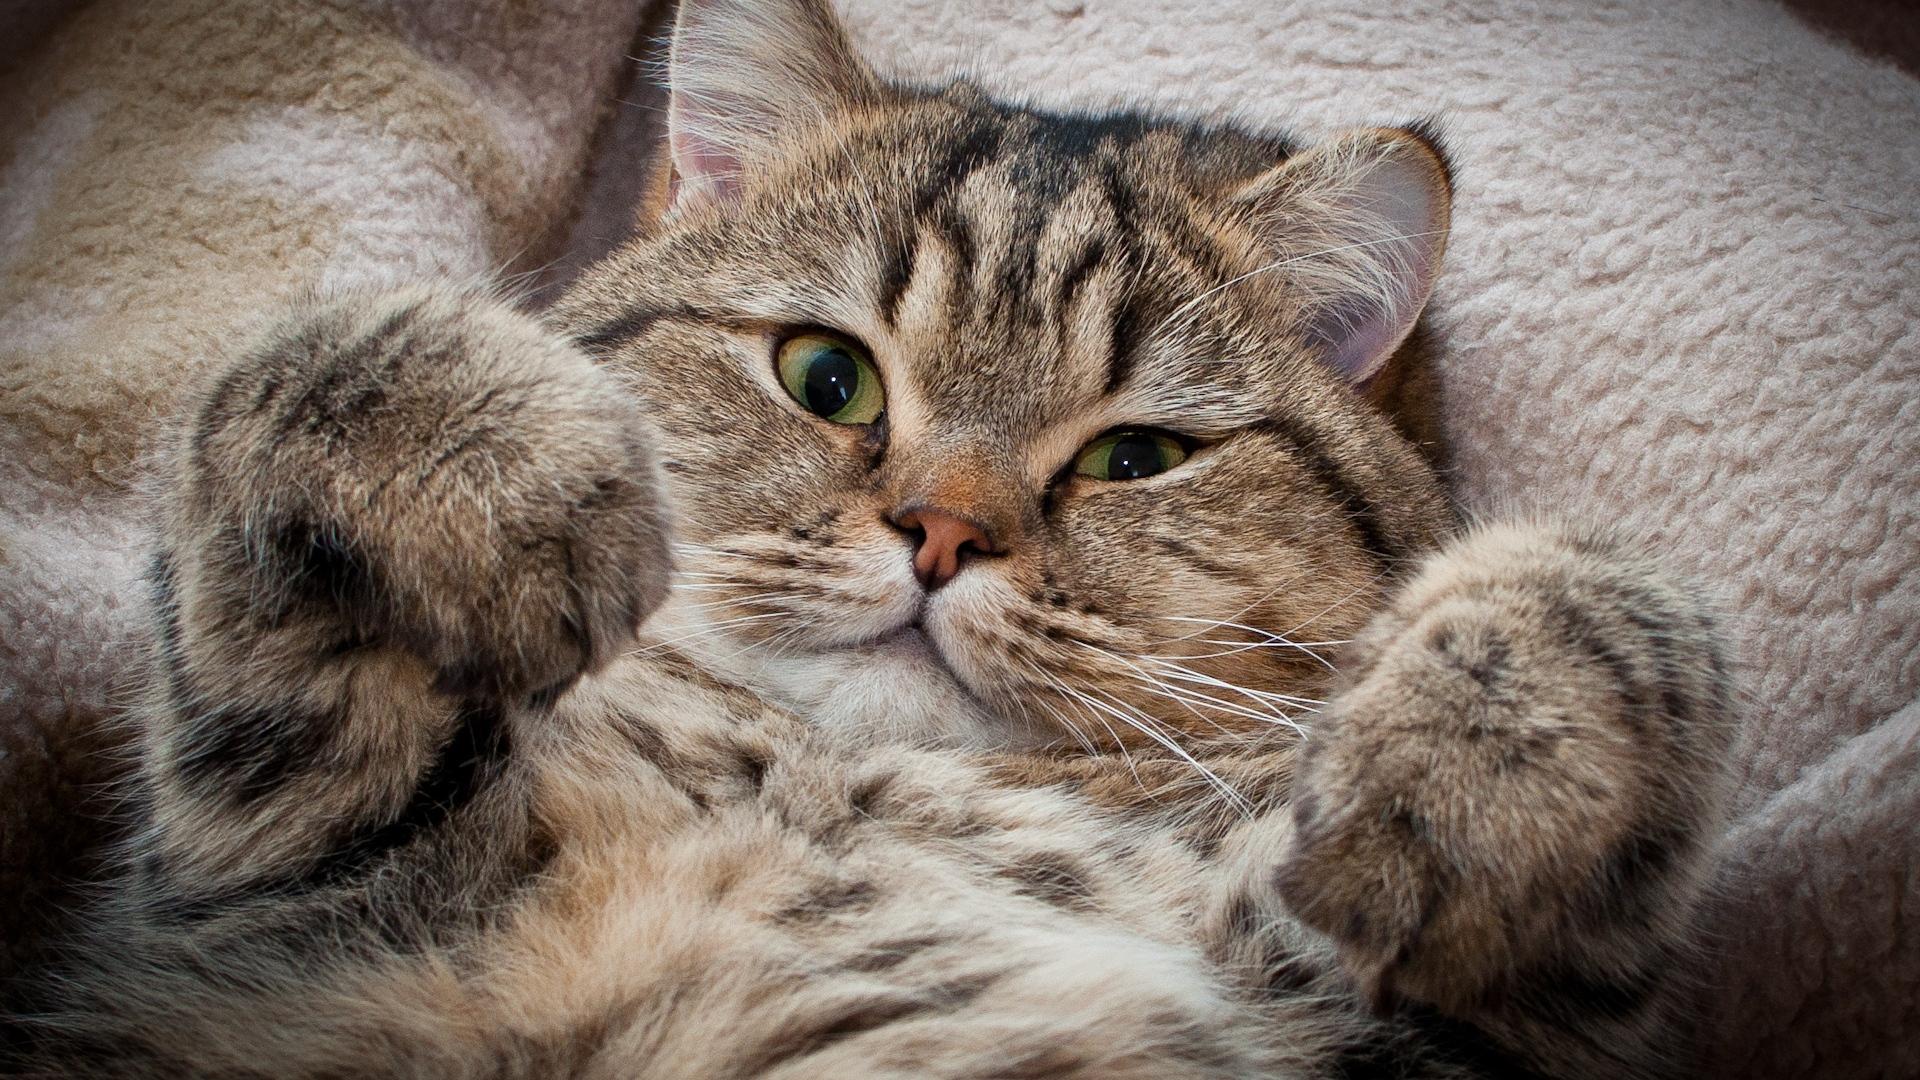 Важные факты о кошачьем уме и повадках, которые должен знать каждый котовладелец